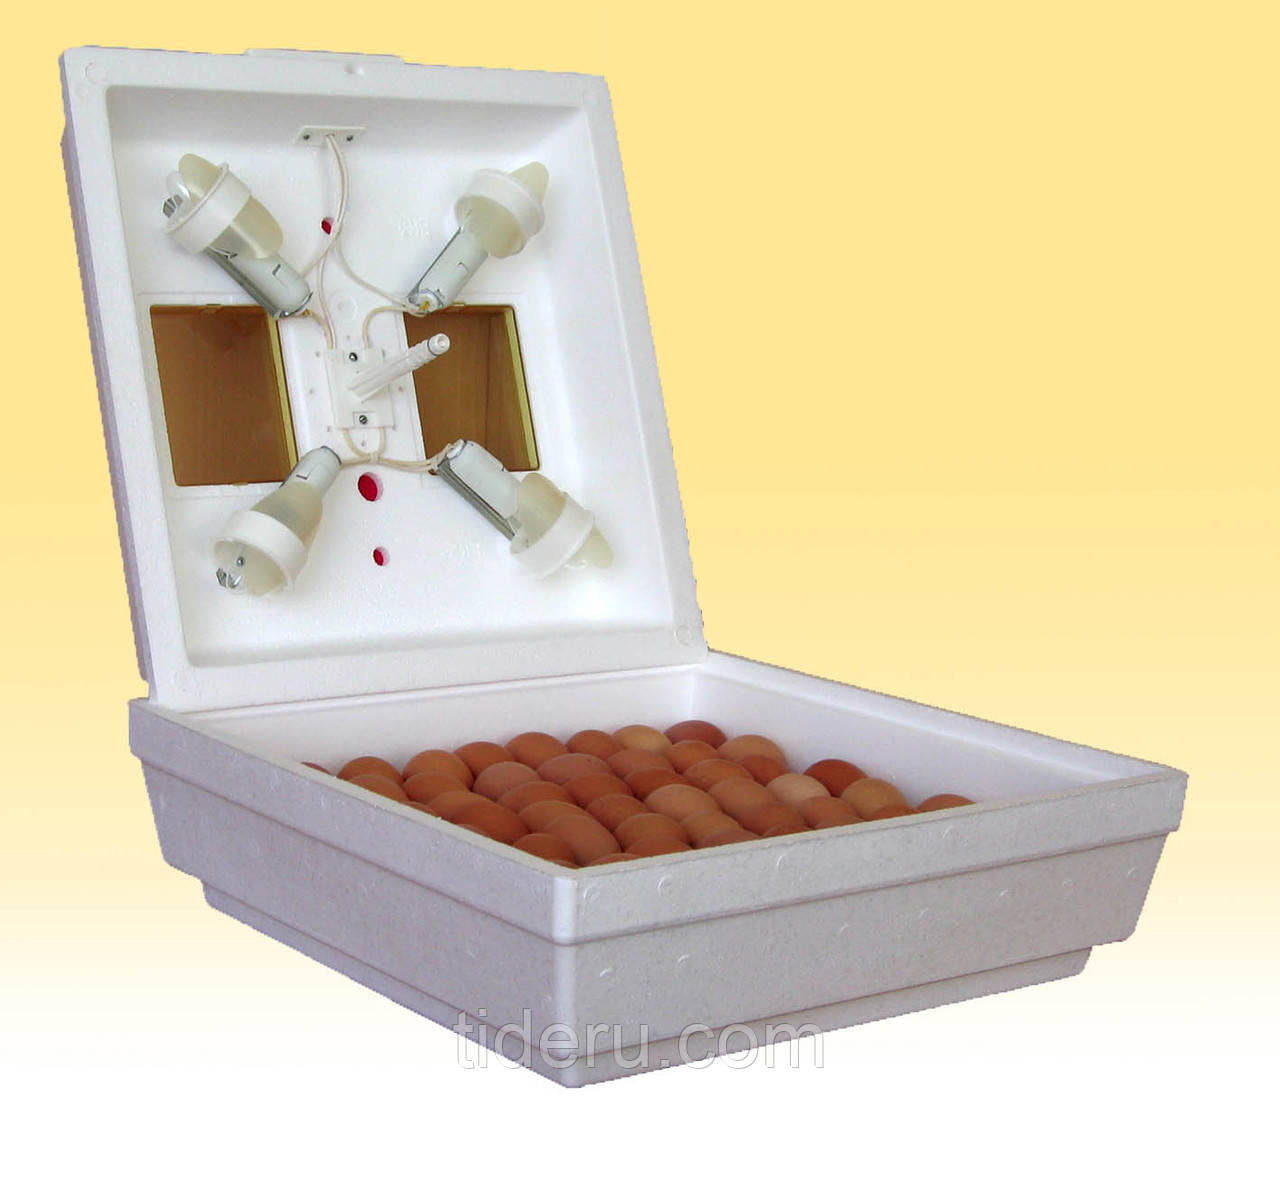 Инкубатор Квочка МИ-30-1-С с ручным переворотом и автоматическим регулятором температуры